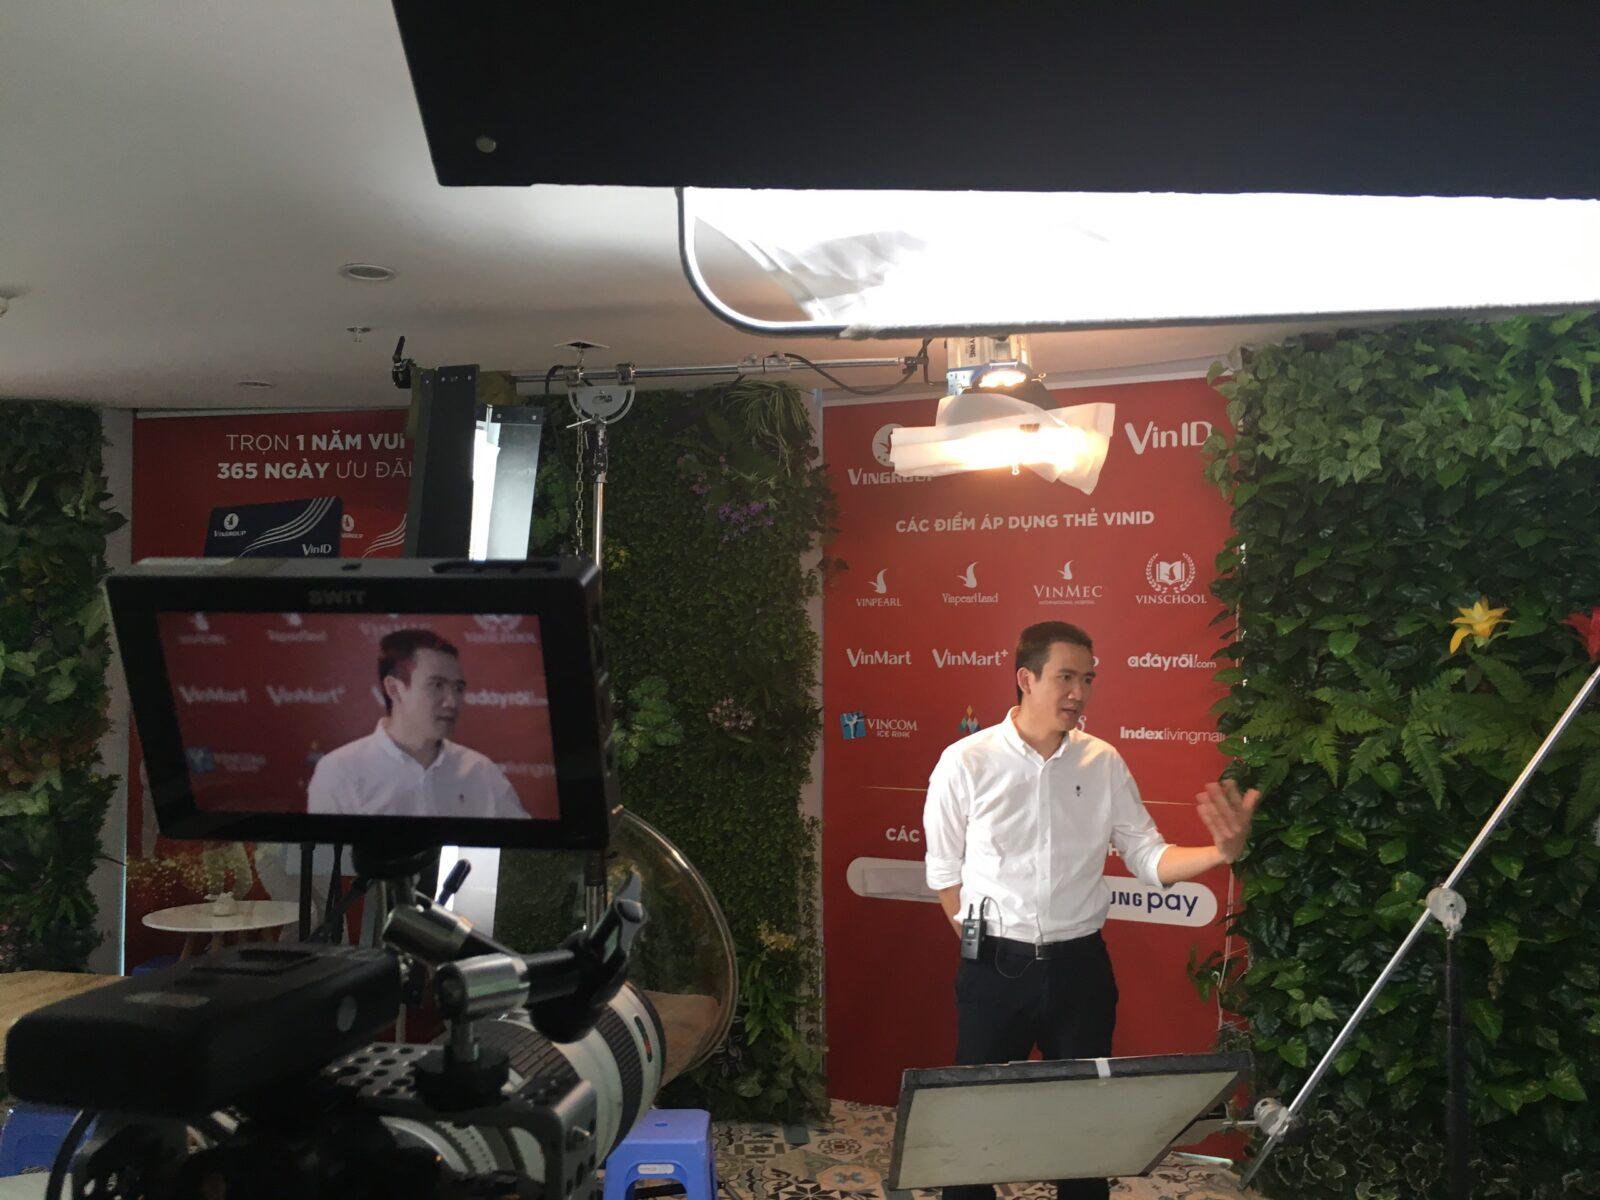 Dịch vụ quay video chuyên nghiệp với những thiết bị hiện đại